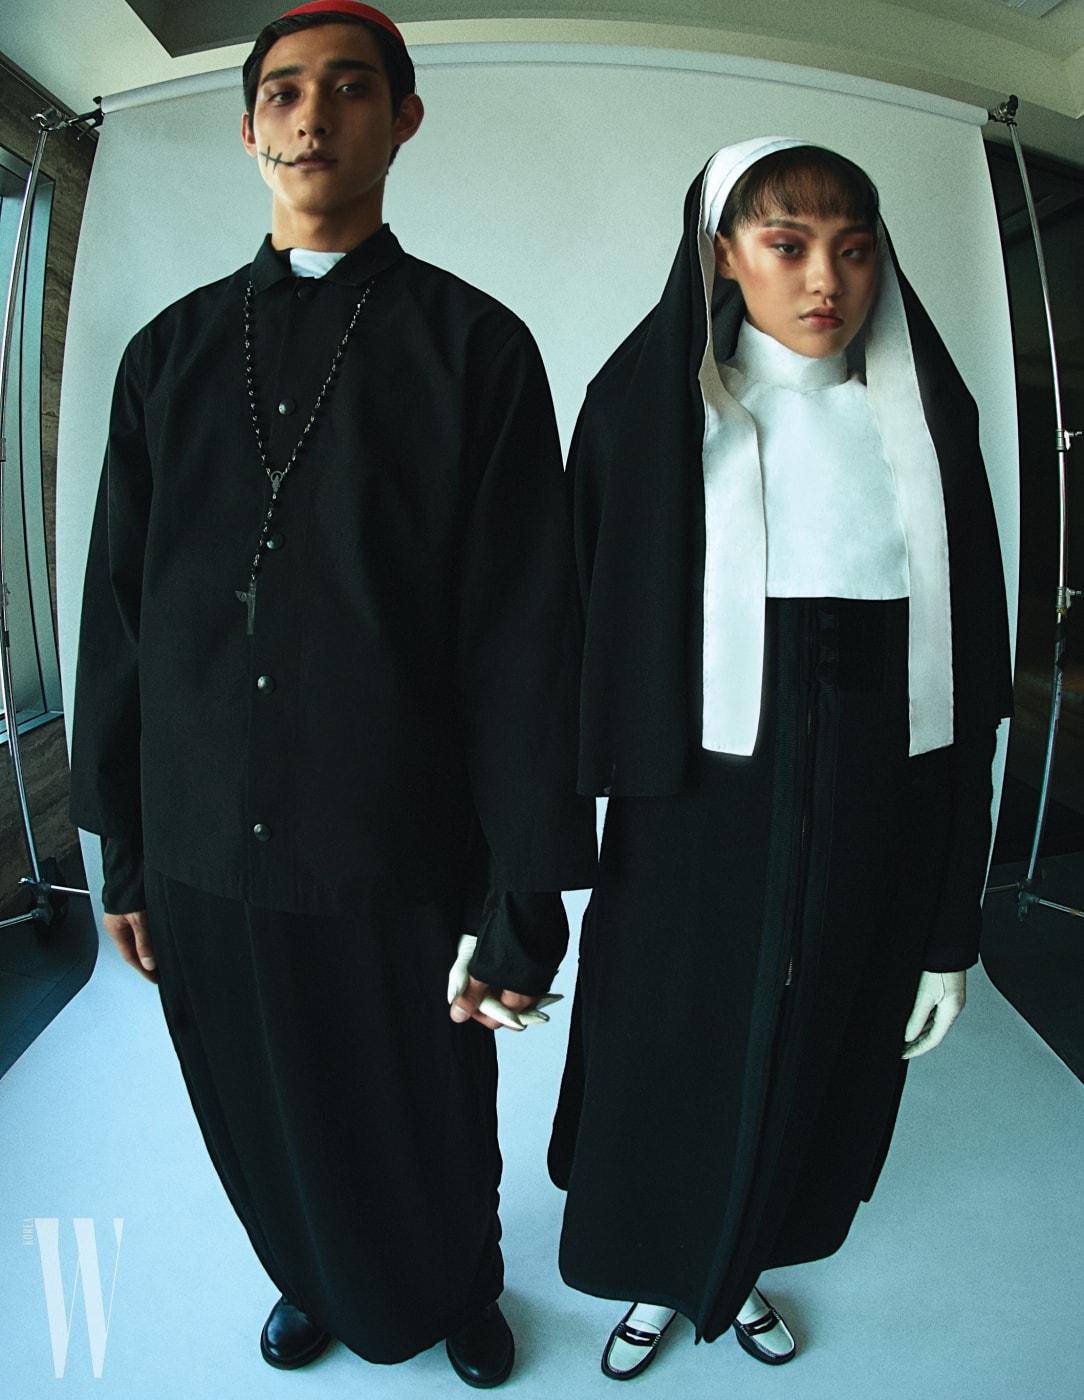 모델 케빈이 신은 검정 슈즈는 Saint Laurent, 모델 김별이 신은 로퍼는 Trickers by Unopair 제품. 두 사람이 입은 의상은 프롭 스타일리스트 제작 제품.